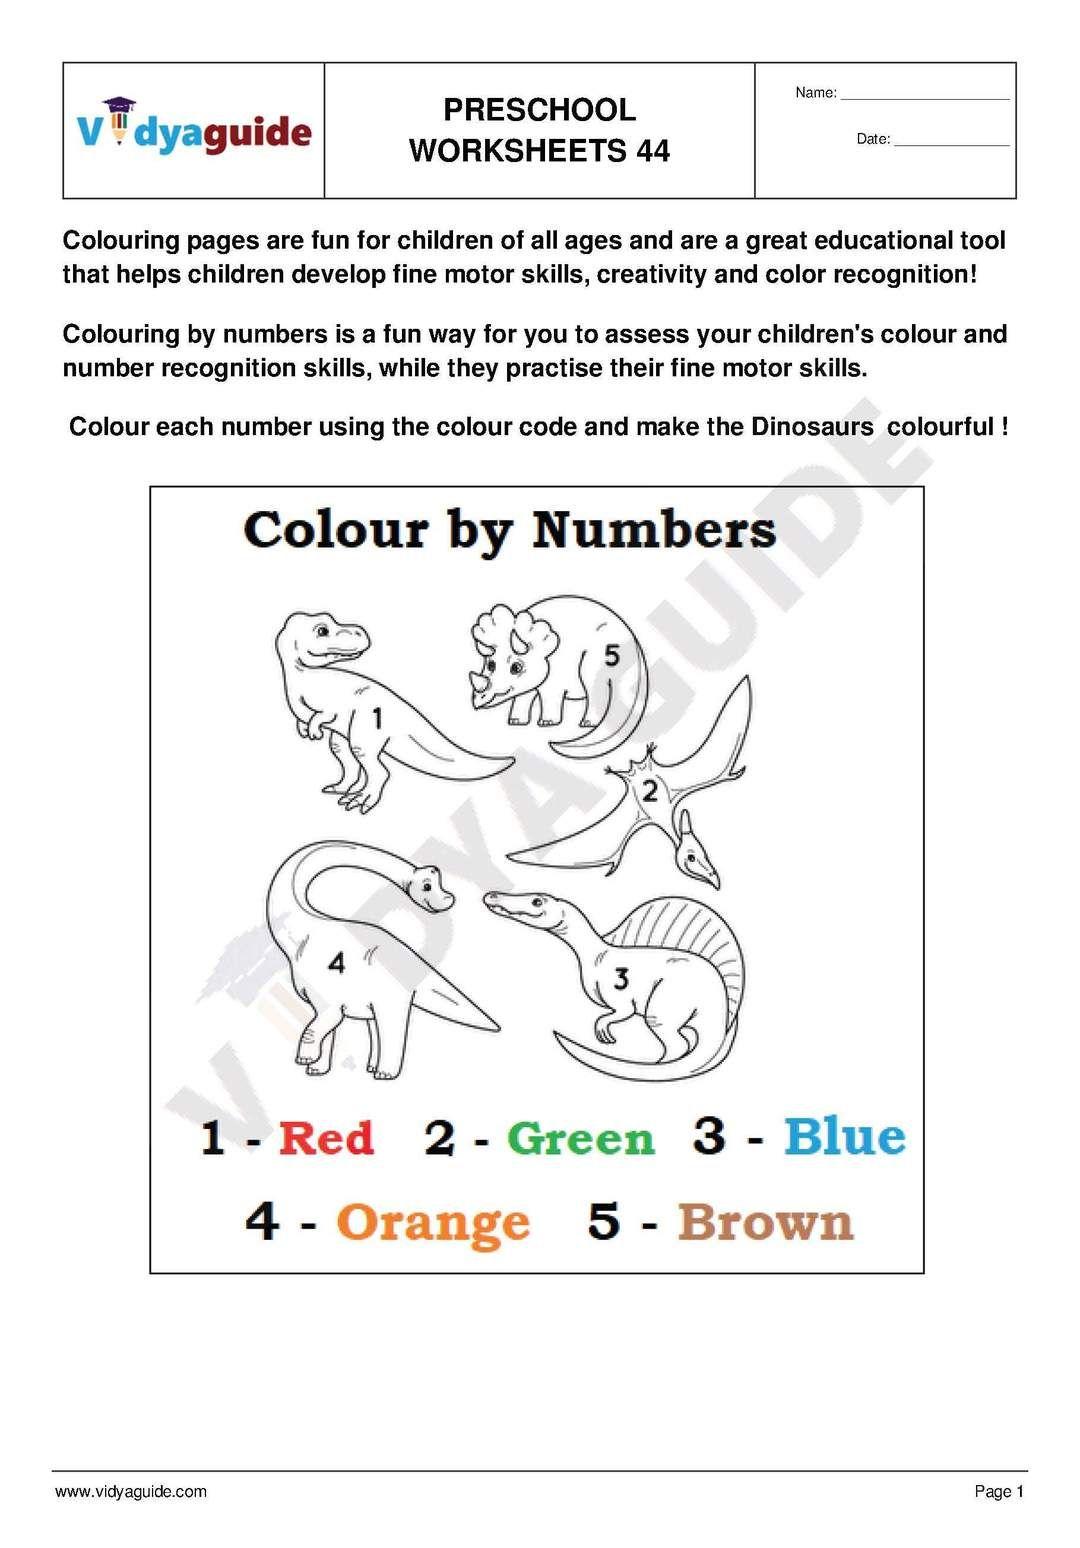 Free Printable Preschool Worksheet 44 Preschool Worksheets Free Preschool Worksheets Printable Preschool Worksheets [ 1548 x 1080 Pixel ]